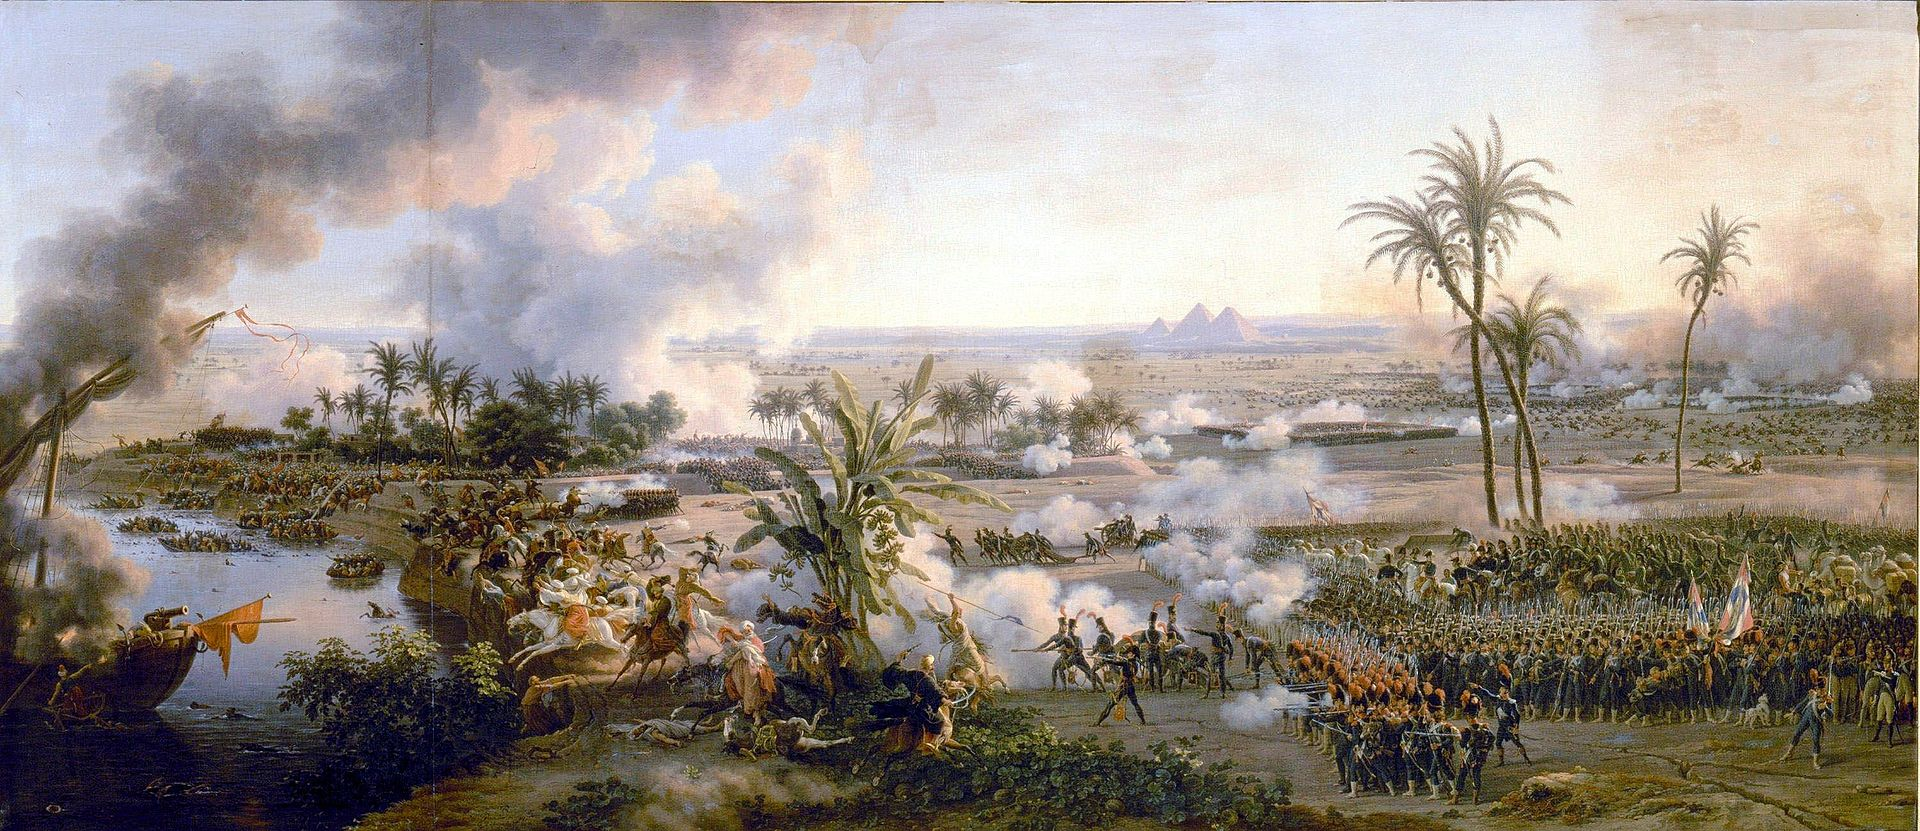 הקרב על הפירמידות Louis-François, Baron Lejeune, 1808